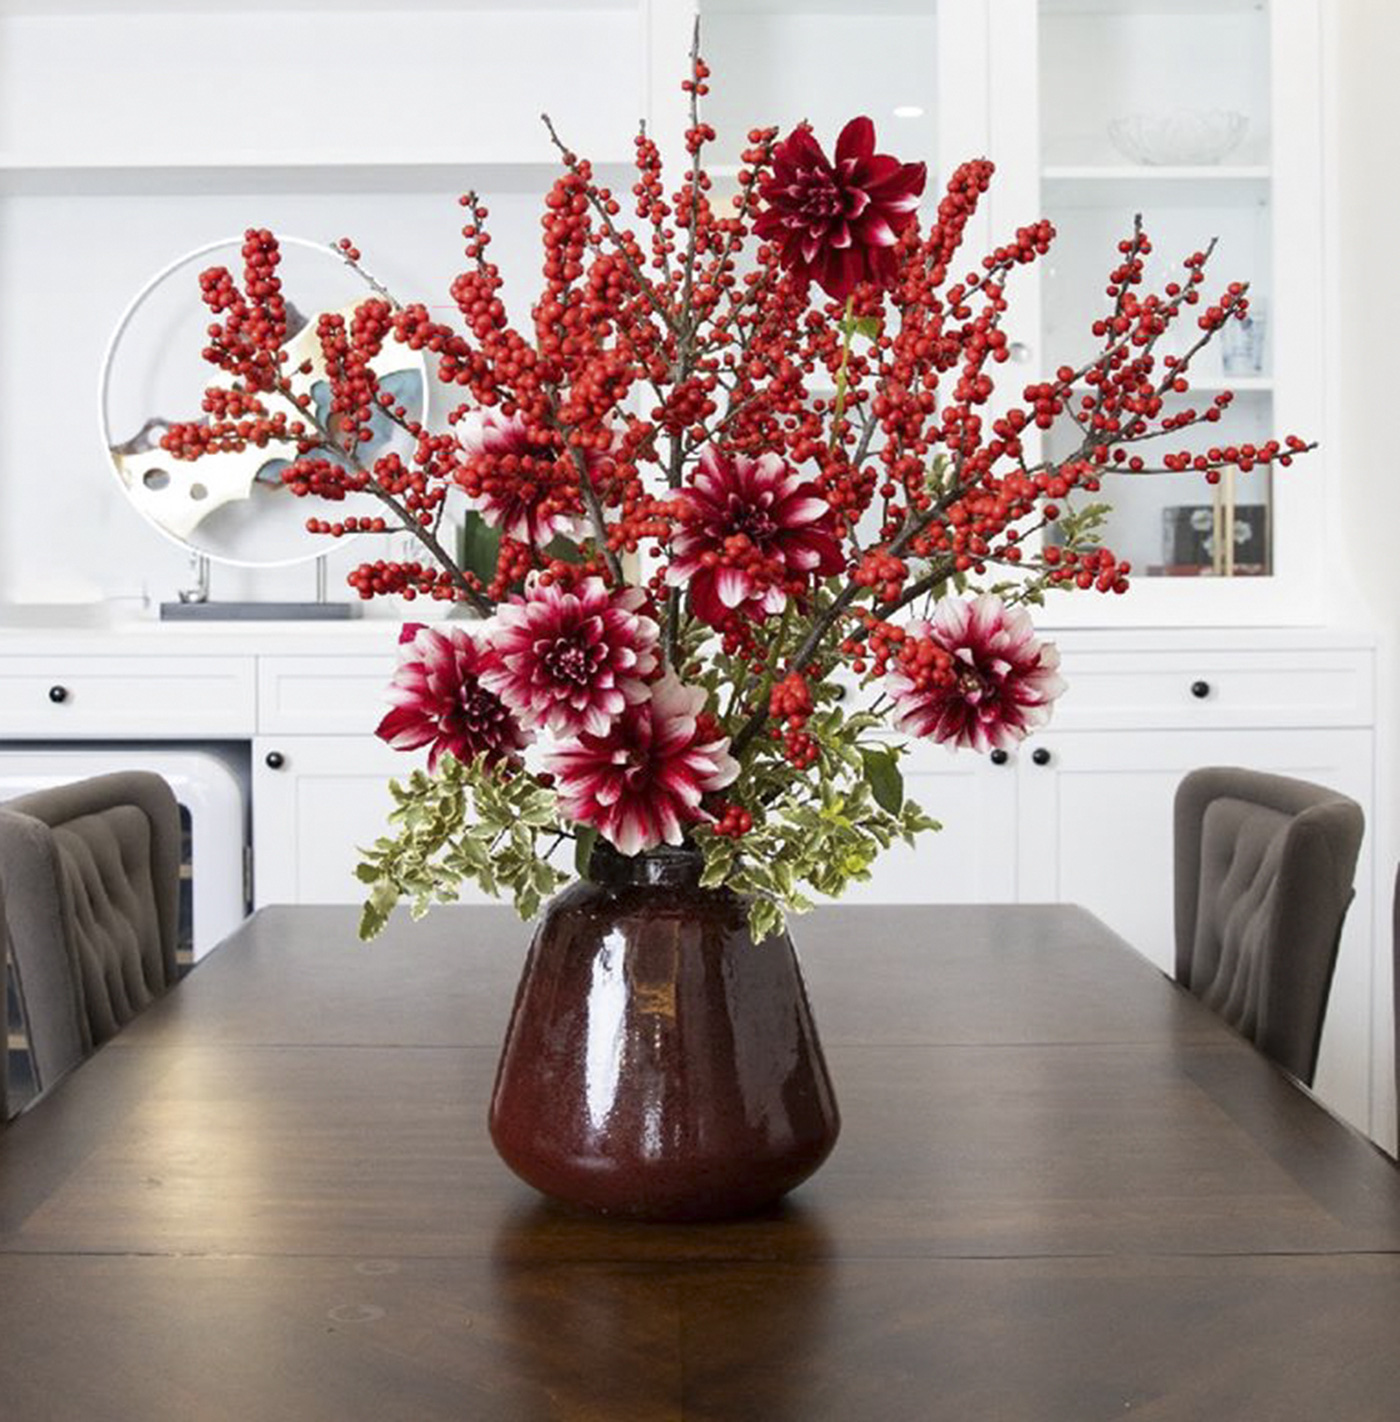 Chậu cây hoa thược dược cực đẹp